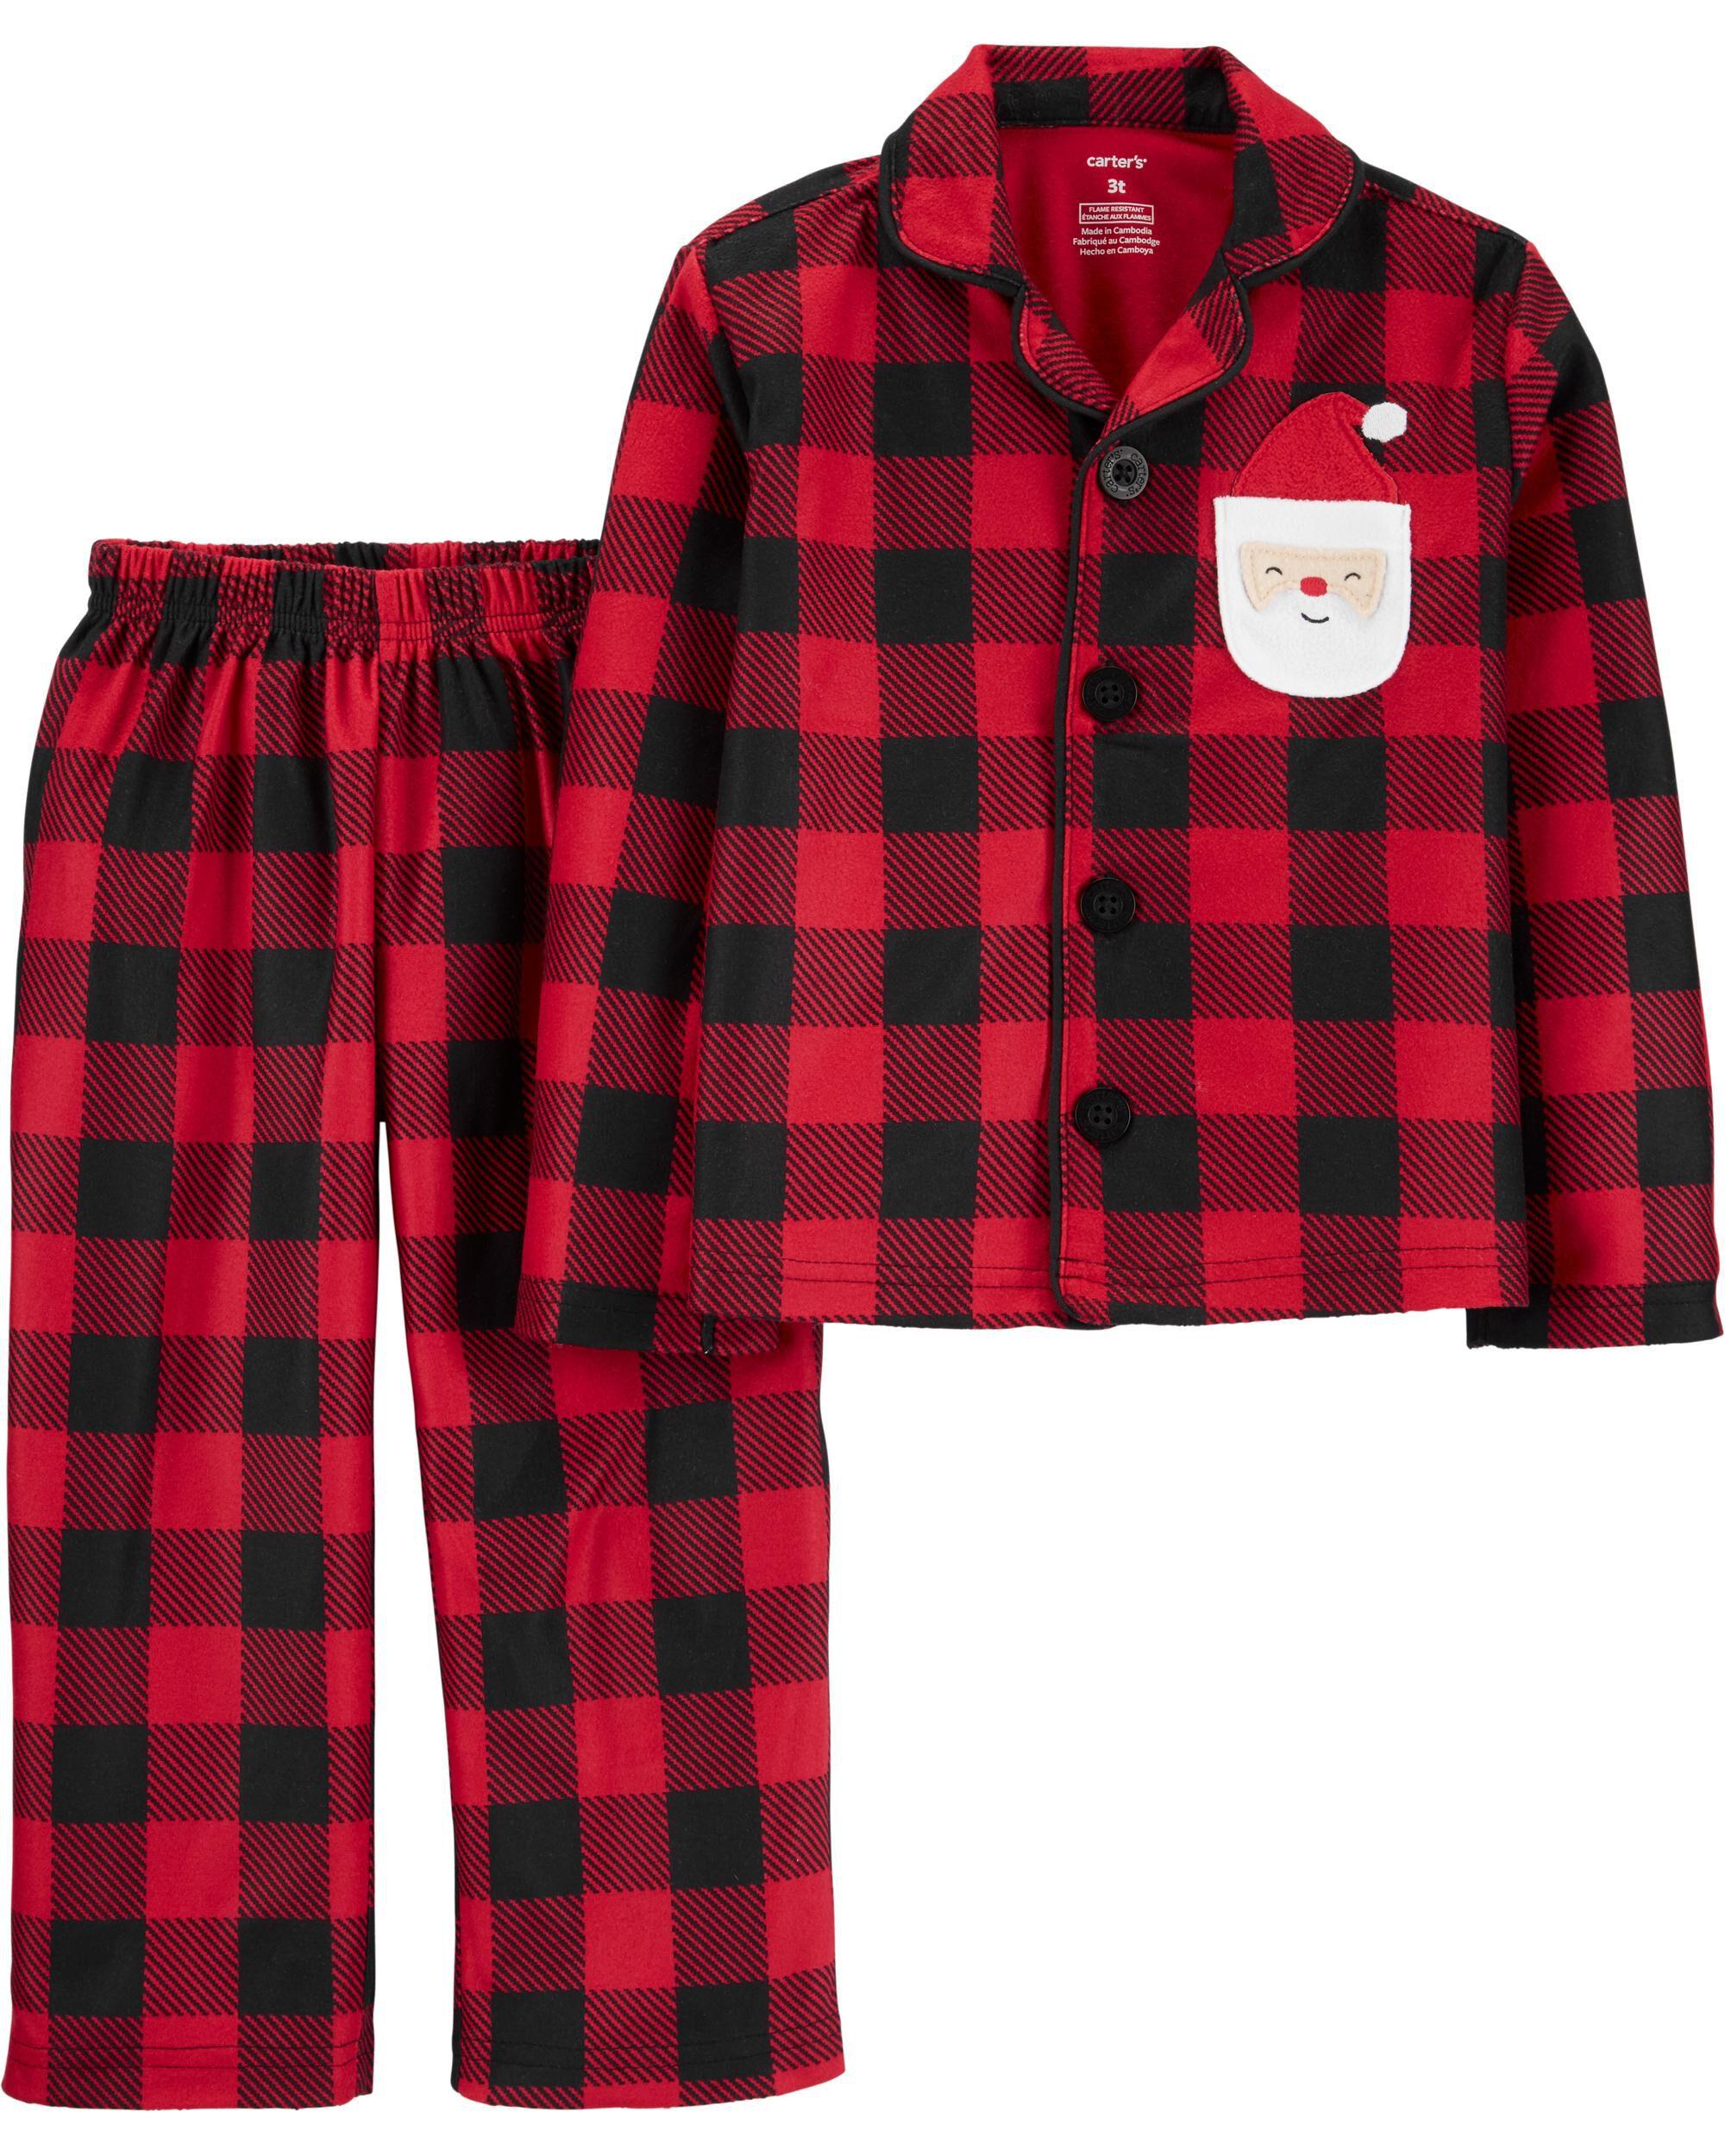 2-Piece Buffalo Check Coat Style Fleece PJs